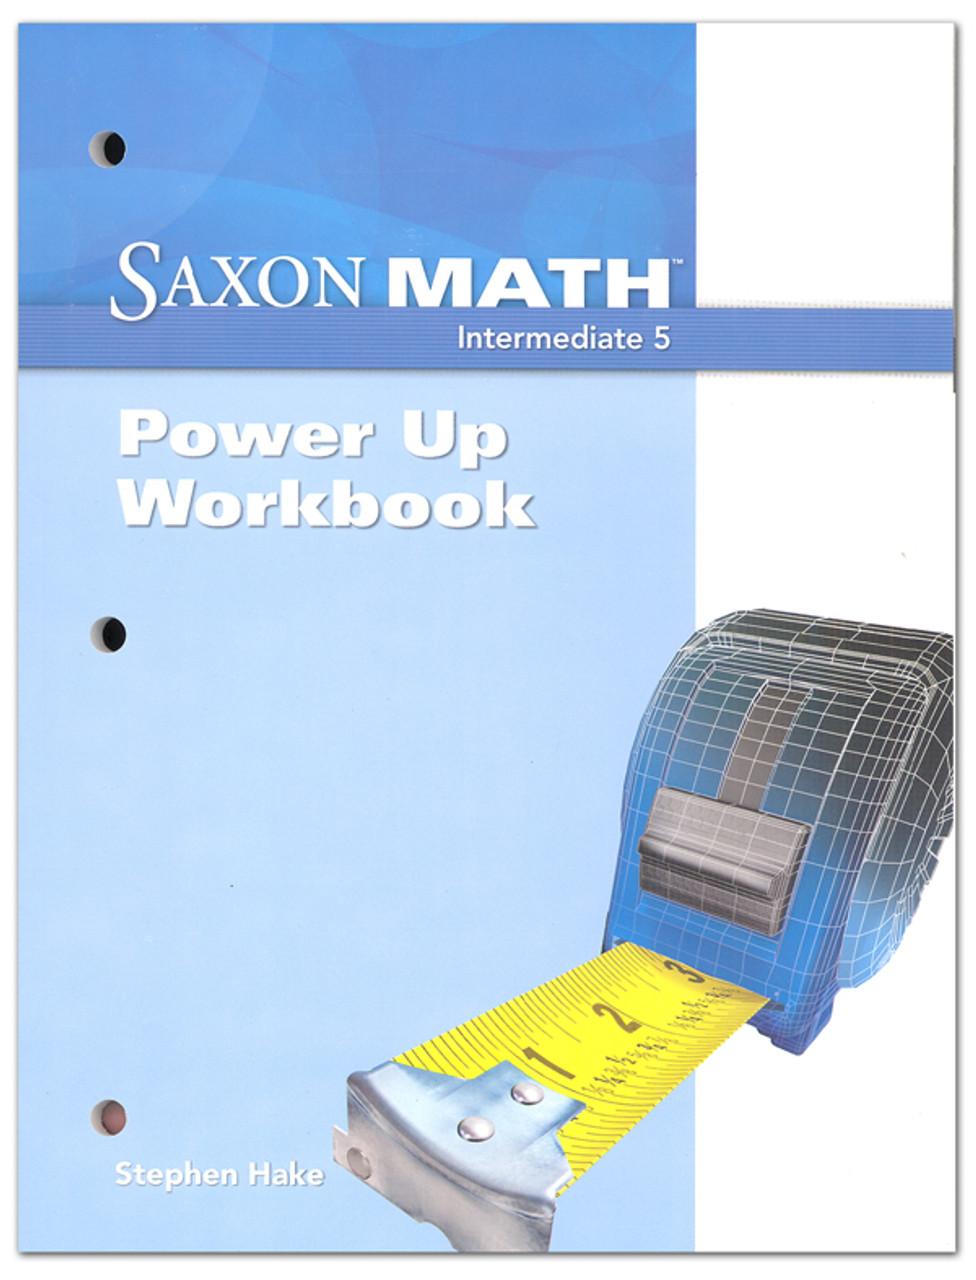 Saxon Math Grade 5 Intermediate Power Up Workbook - Classroom Resource  Center [ 1280 x 976 Pixel ]